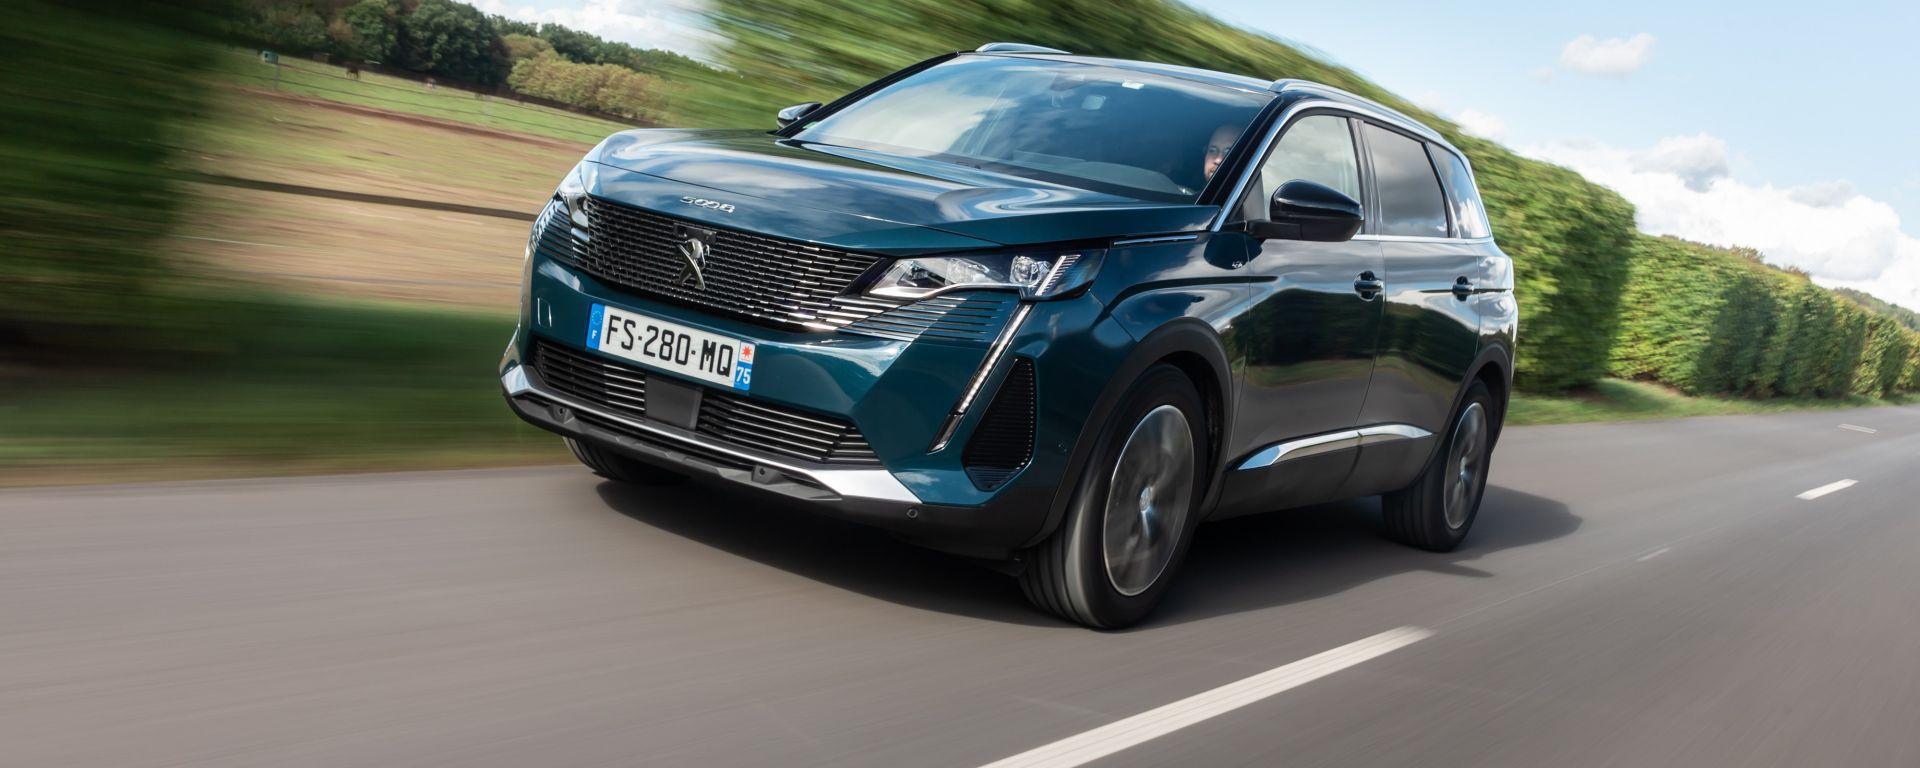 Nuova Peugeot 5008 2021